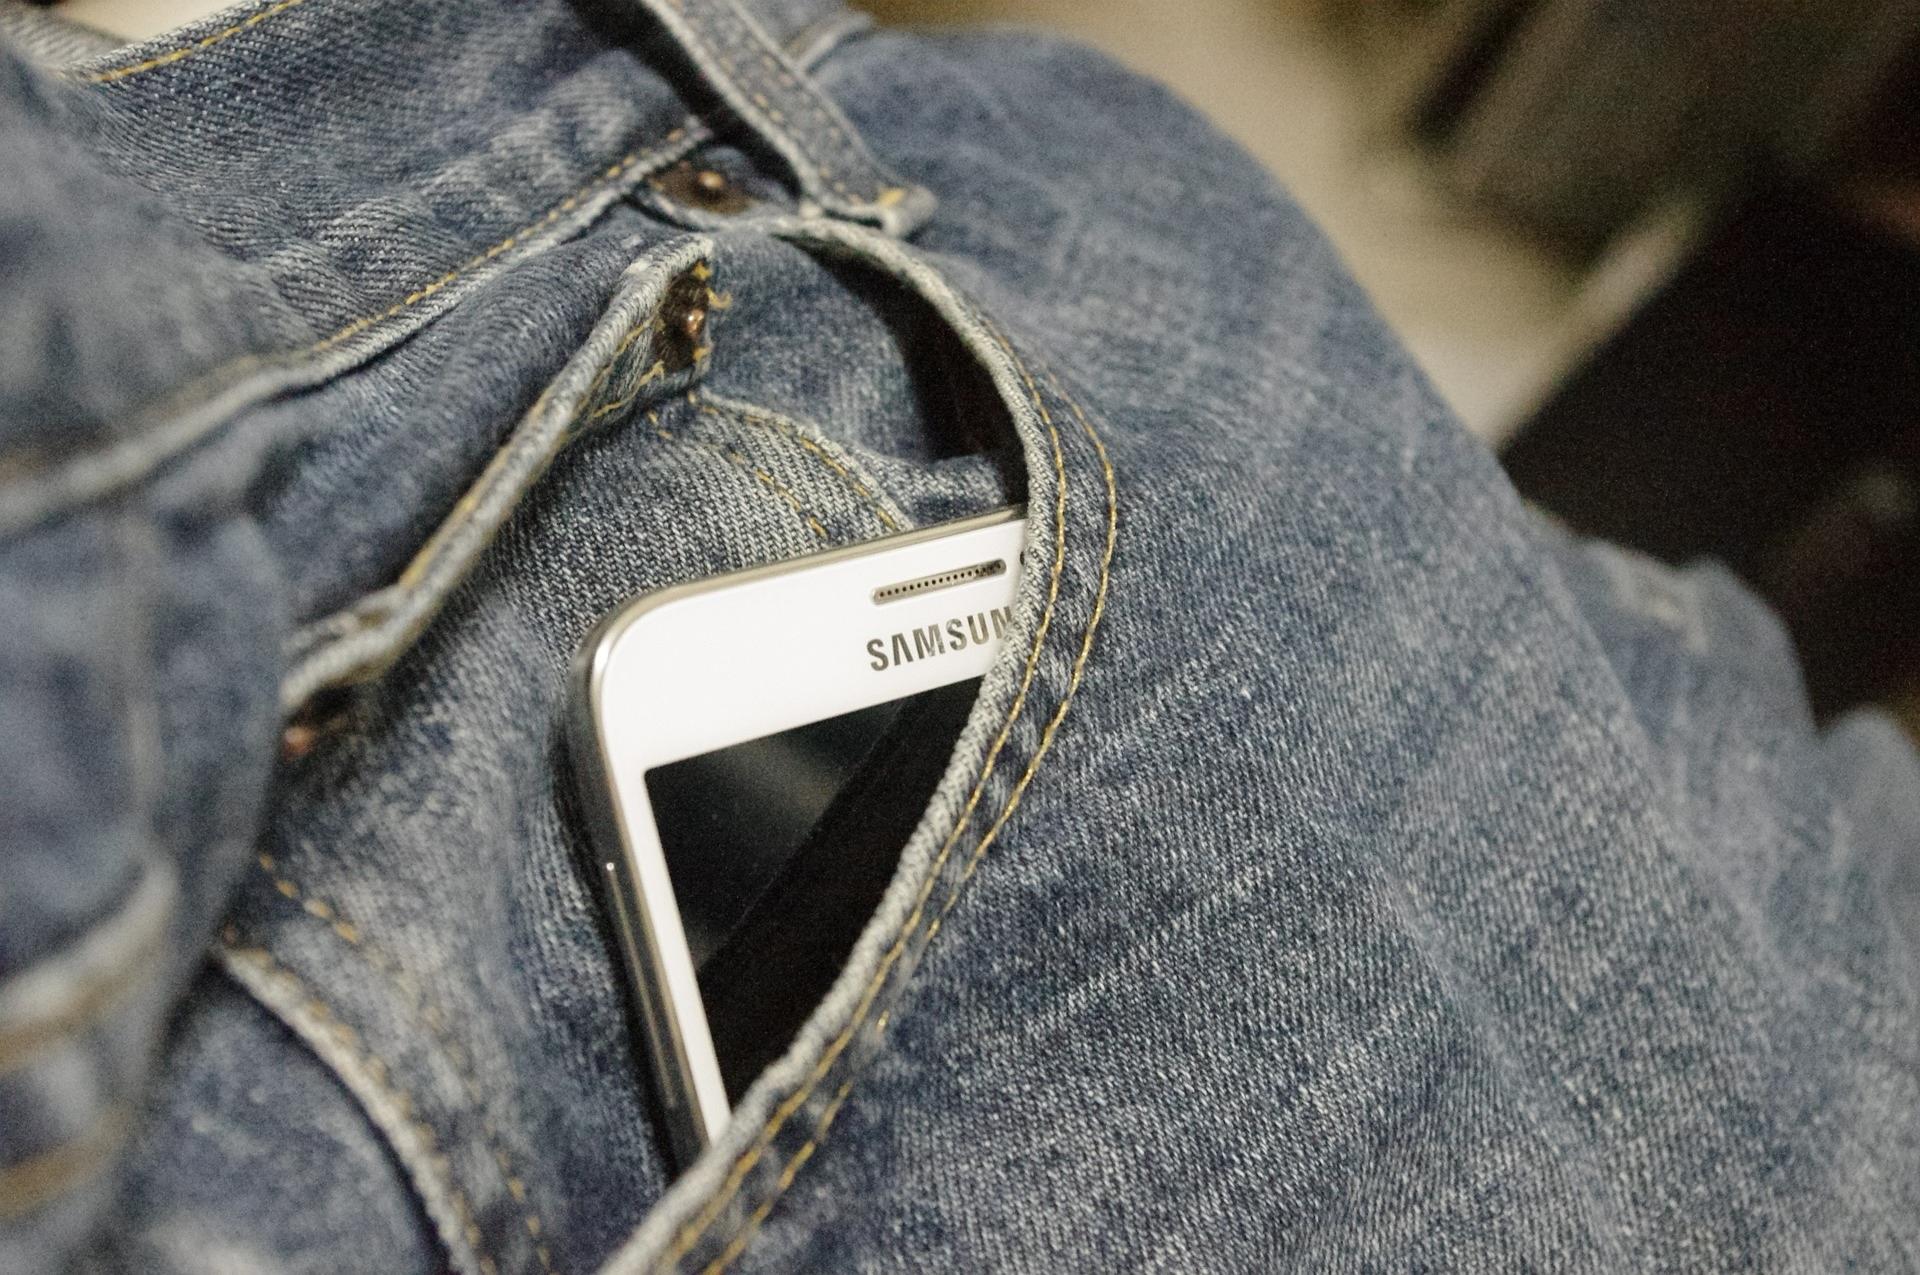 smartfon Samsung smartphone logo